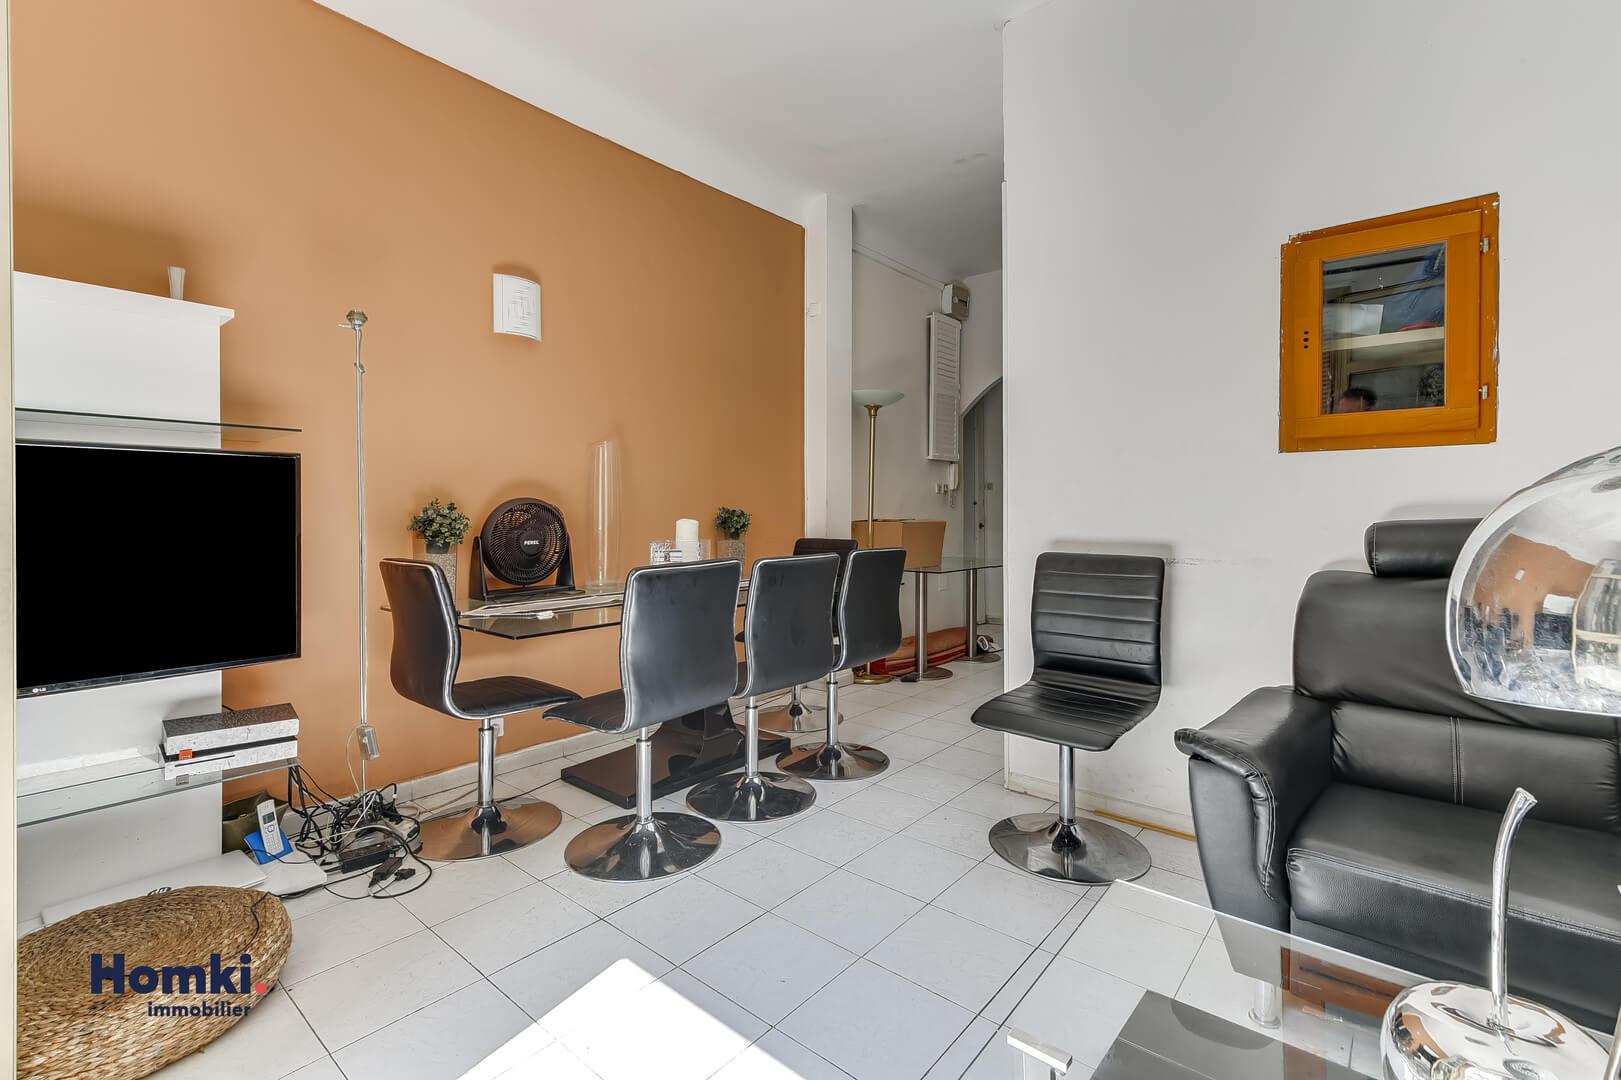 Homki - Vente appartement  de 56.06 m² à nice 06000